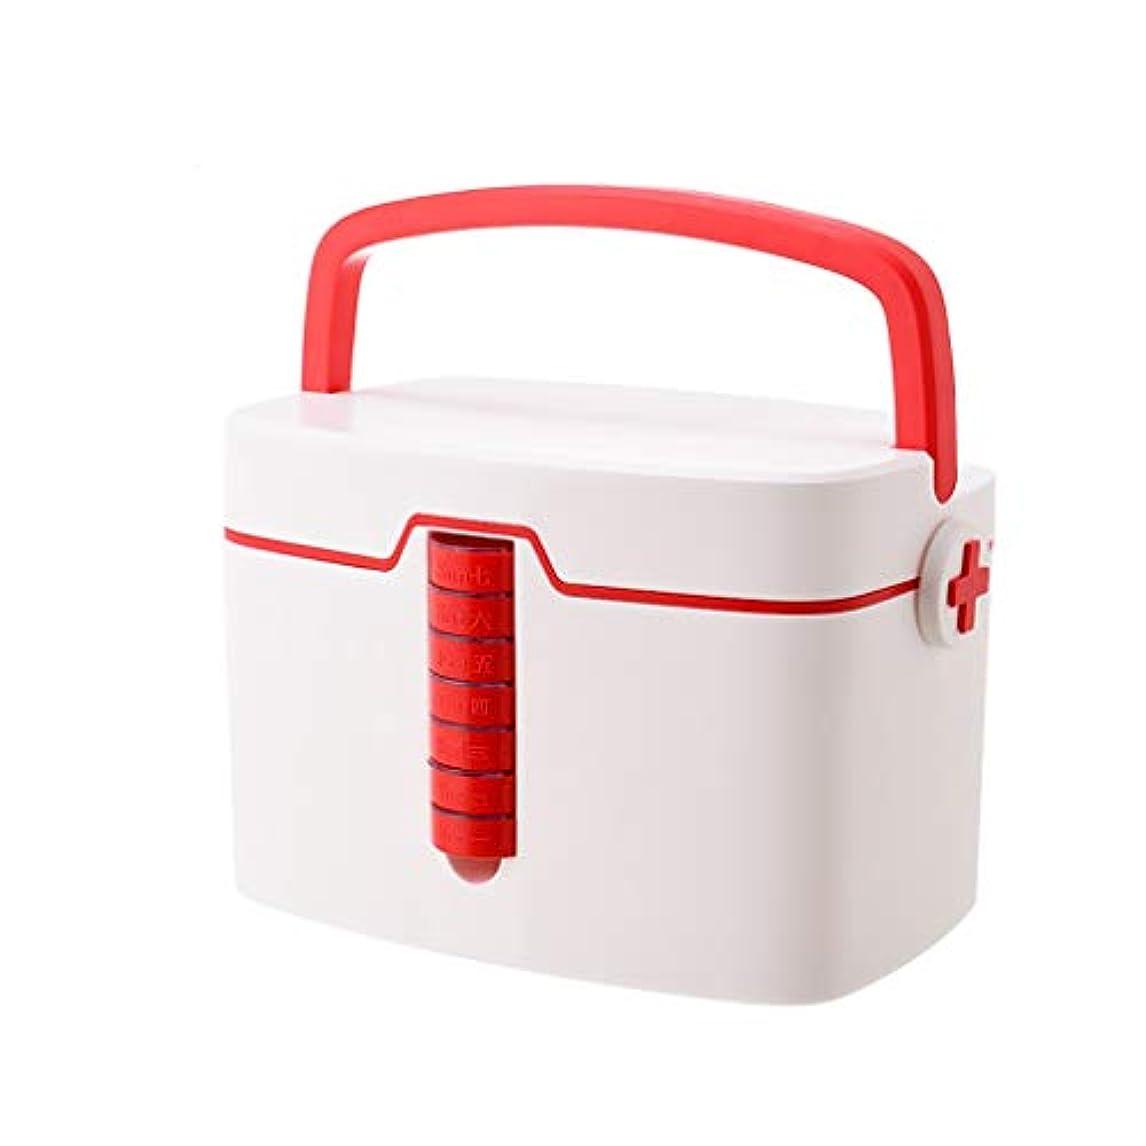 少ない共和党受粉するXuping shop 毎週のピルオーガナイザー、応急処置ケース緊急キットボックス、収納ピルコンテナボックス付き医療用チェスト収納ボックス